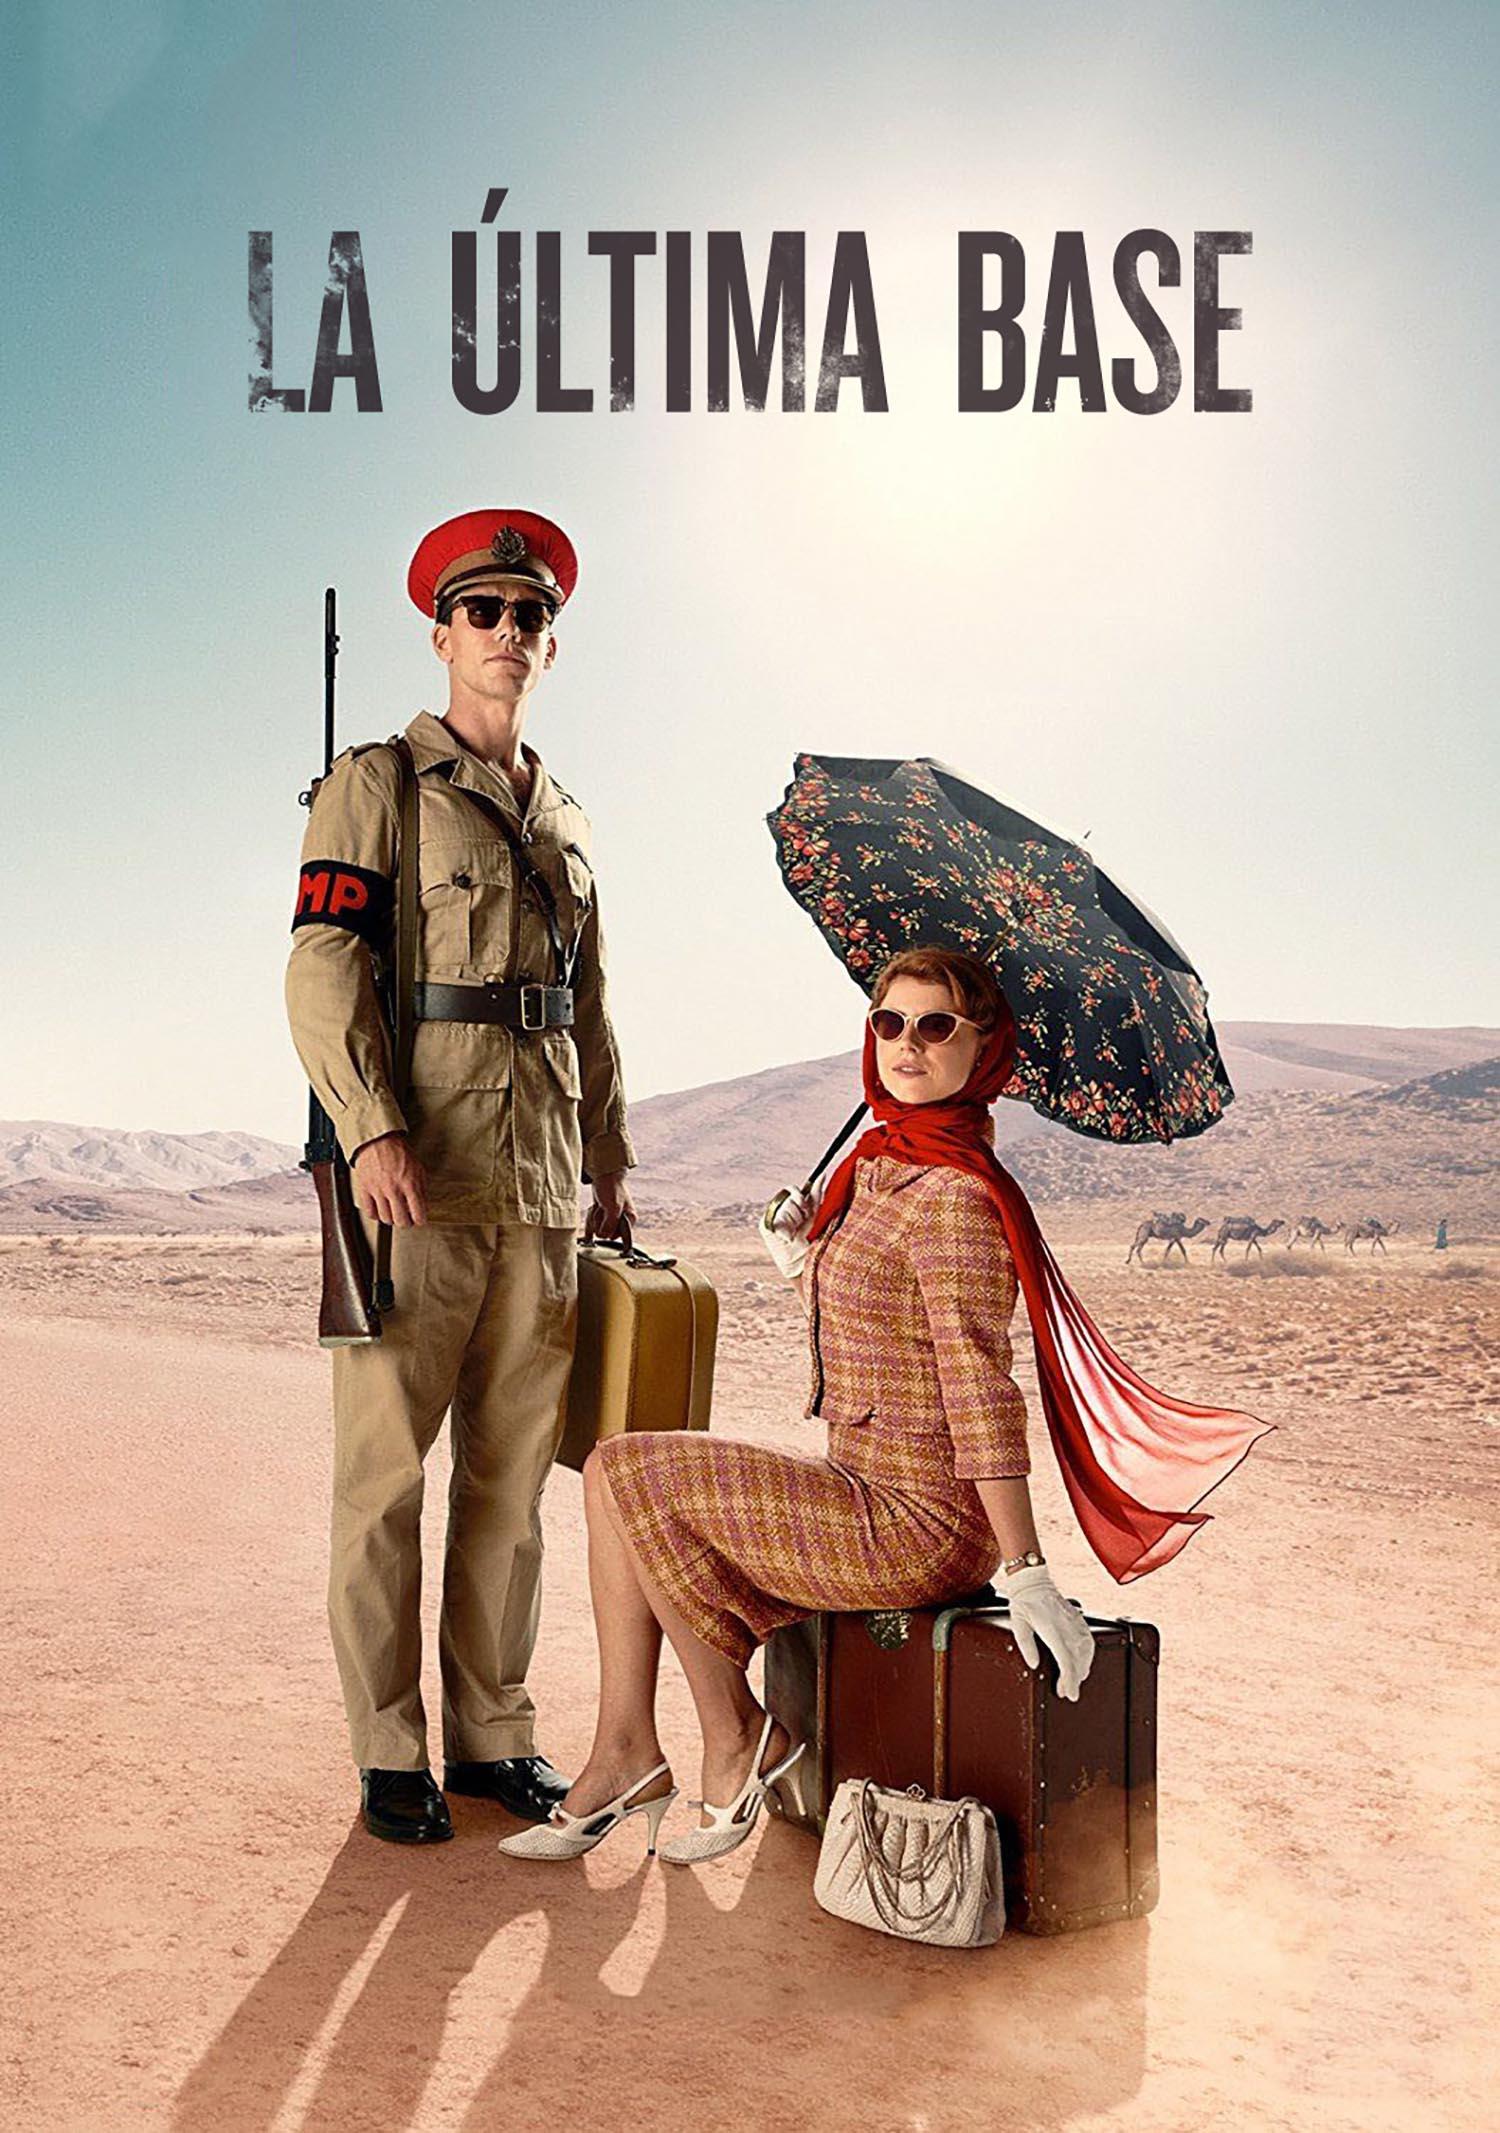 La última base, serie protagonizada por Jessie Buckley